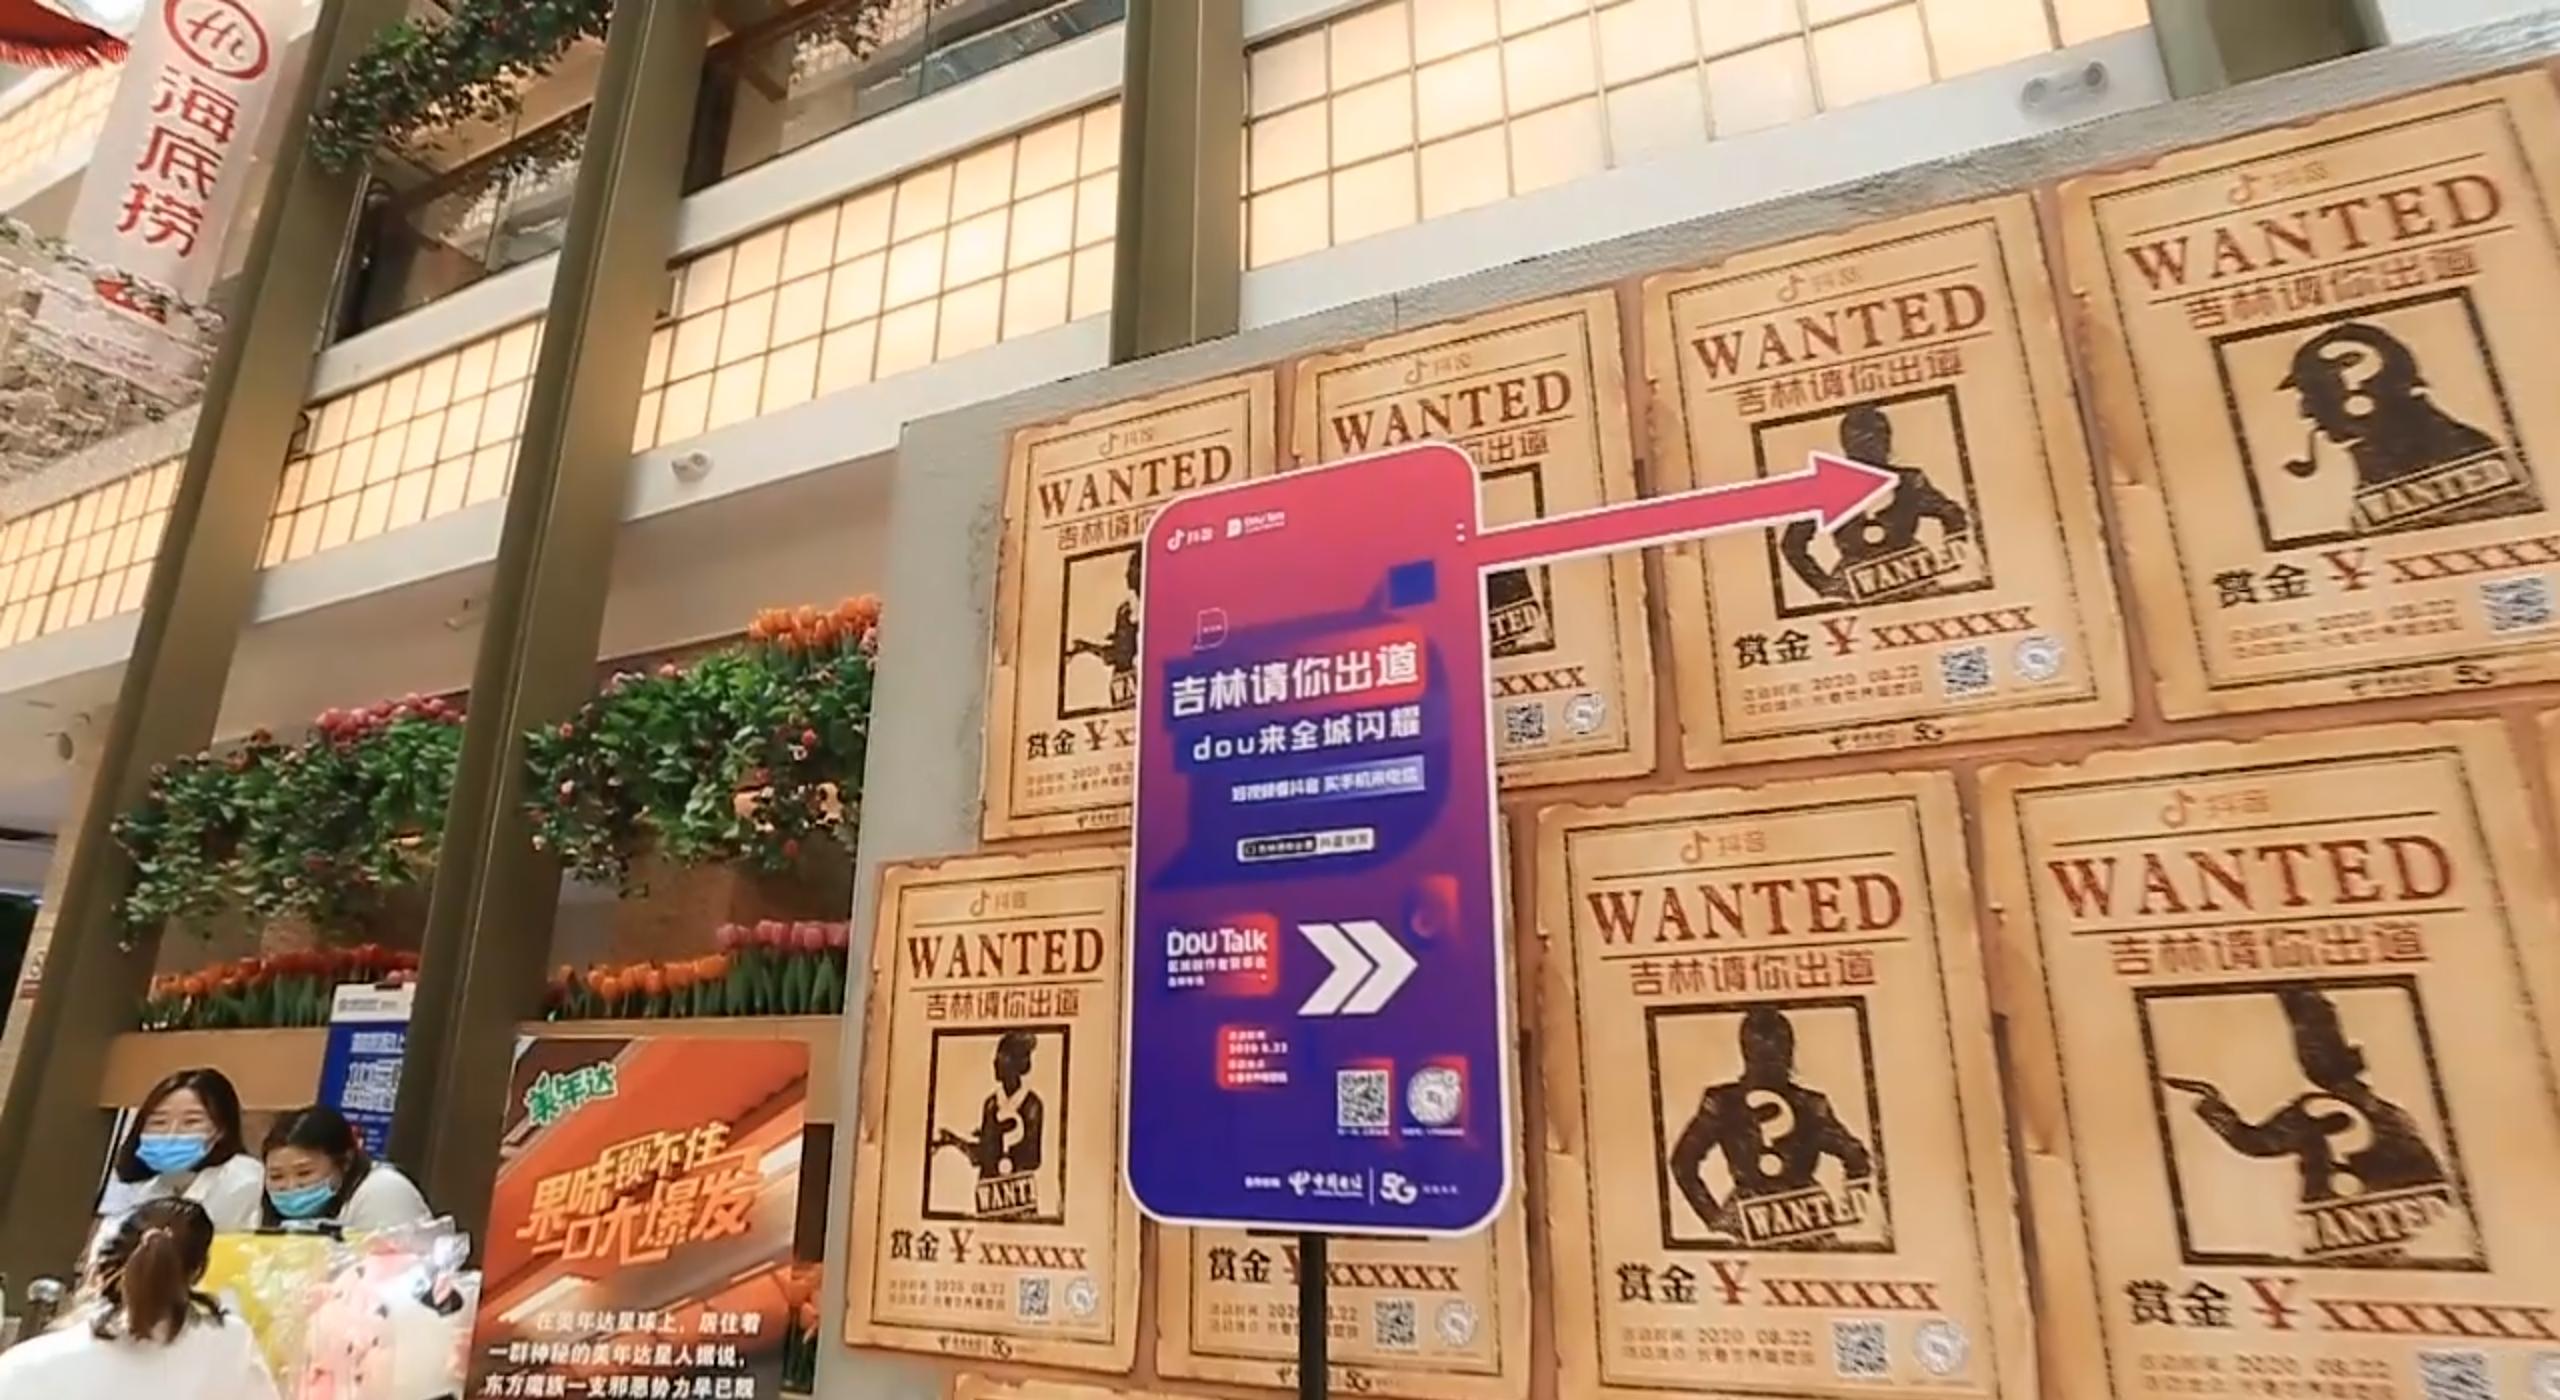 中國電信長春分公司2020年抖音廣告宣傳投放項目